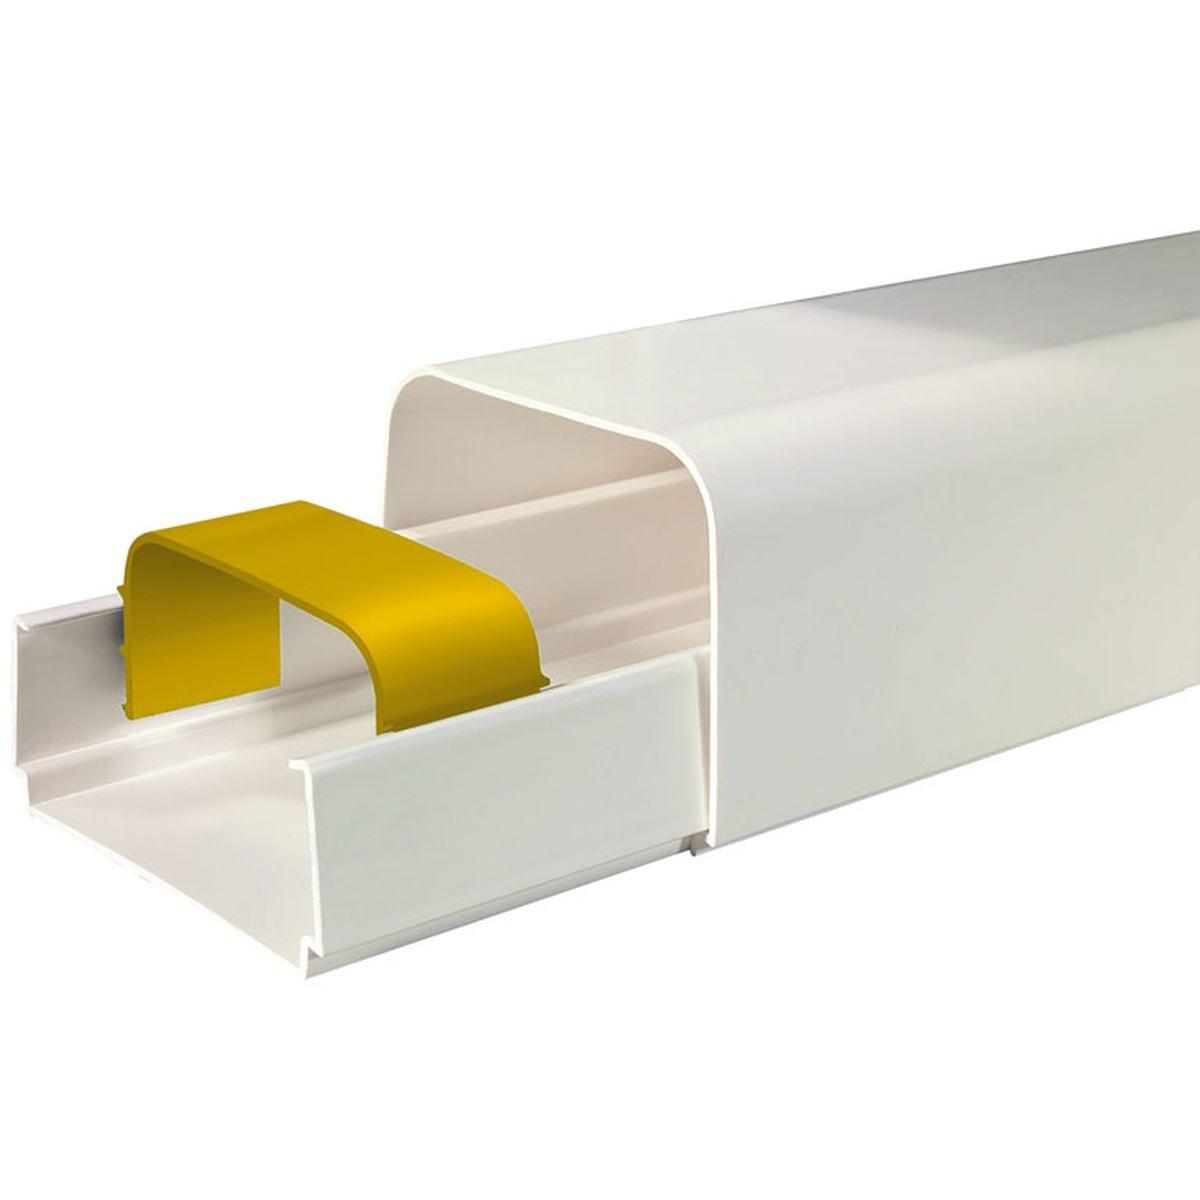 Kanallåda 80 x 60 mm med lock och skydd 16 st.